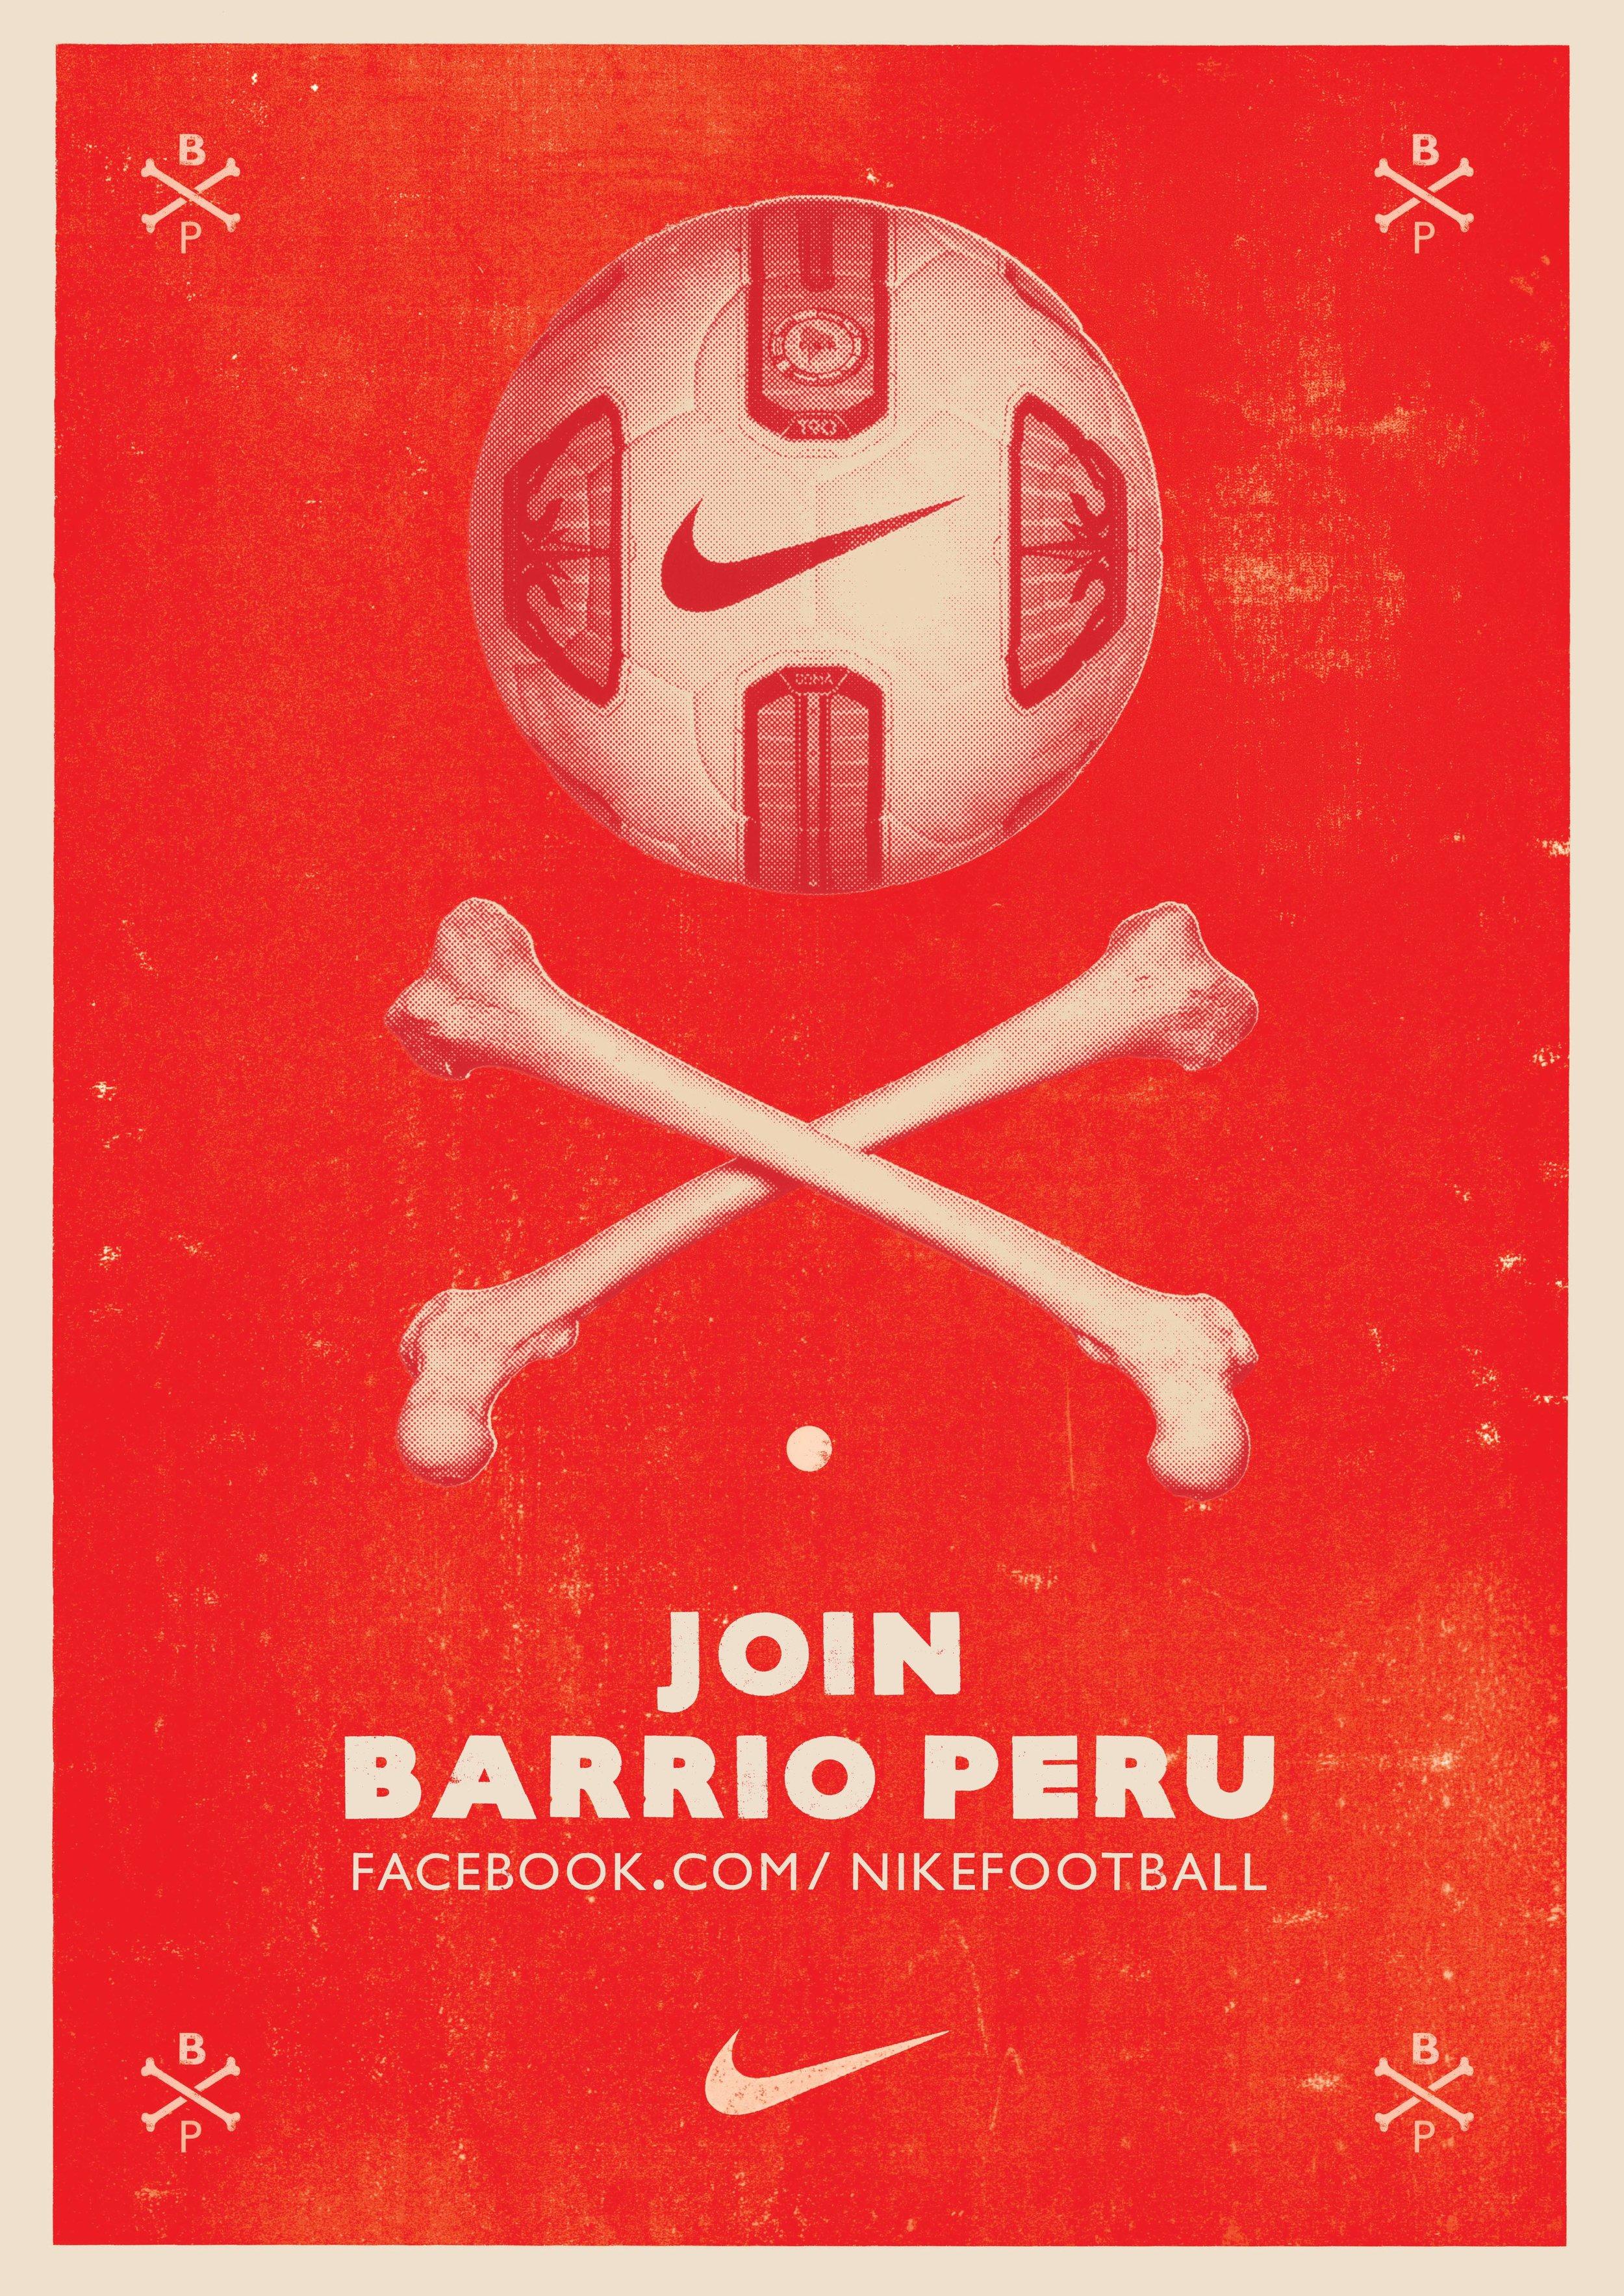 Copa_Join_Barrio_A3_Peru.jpg